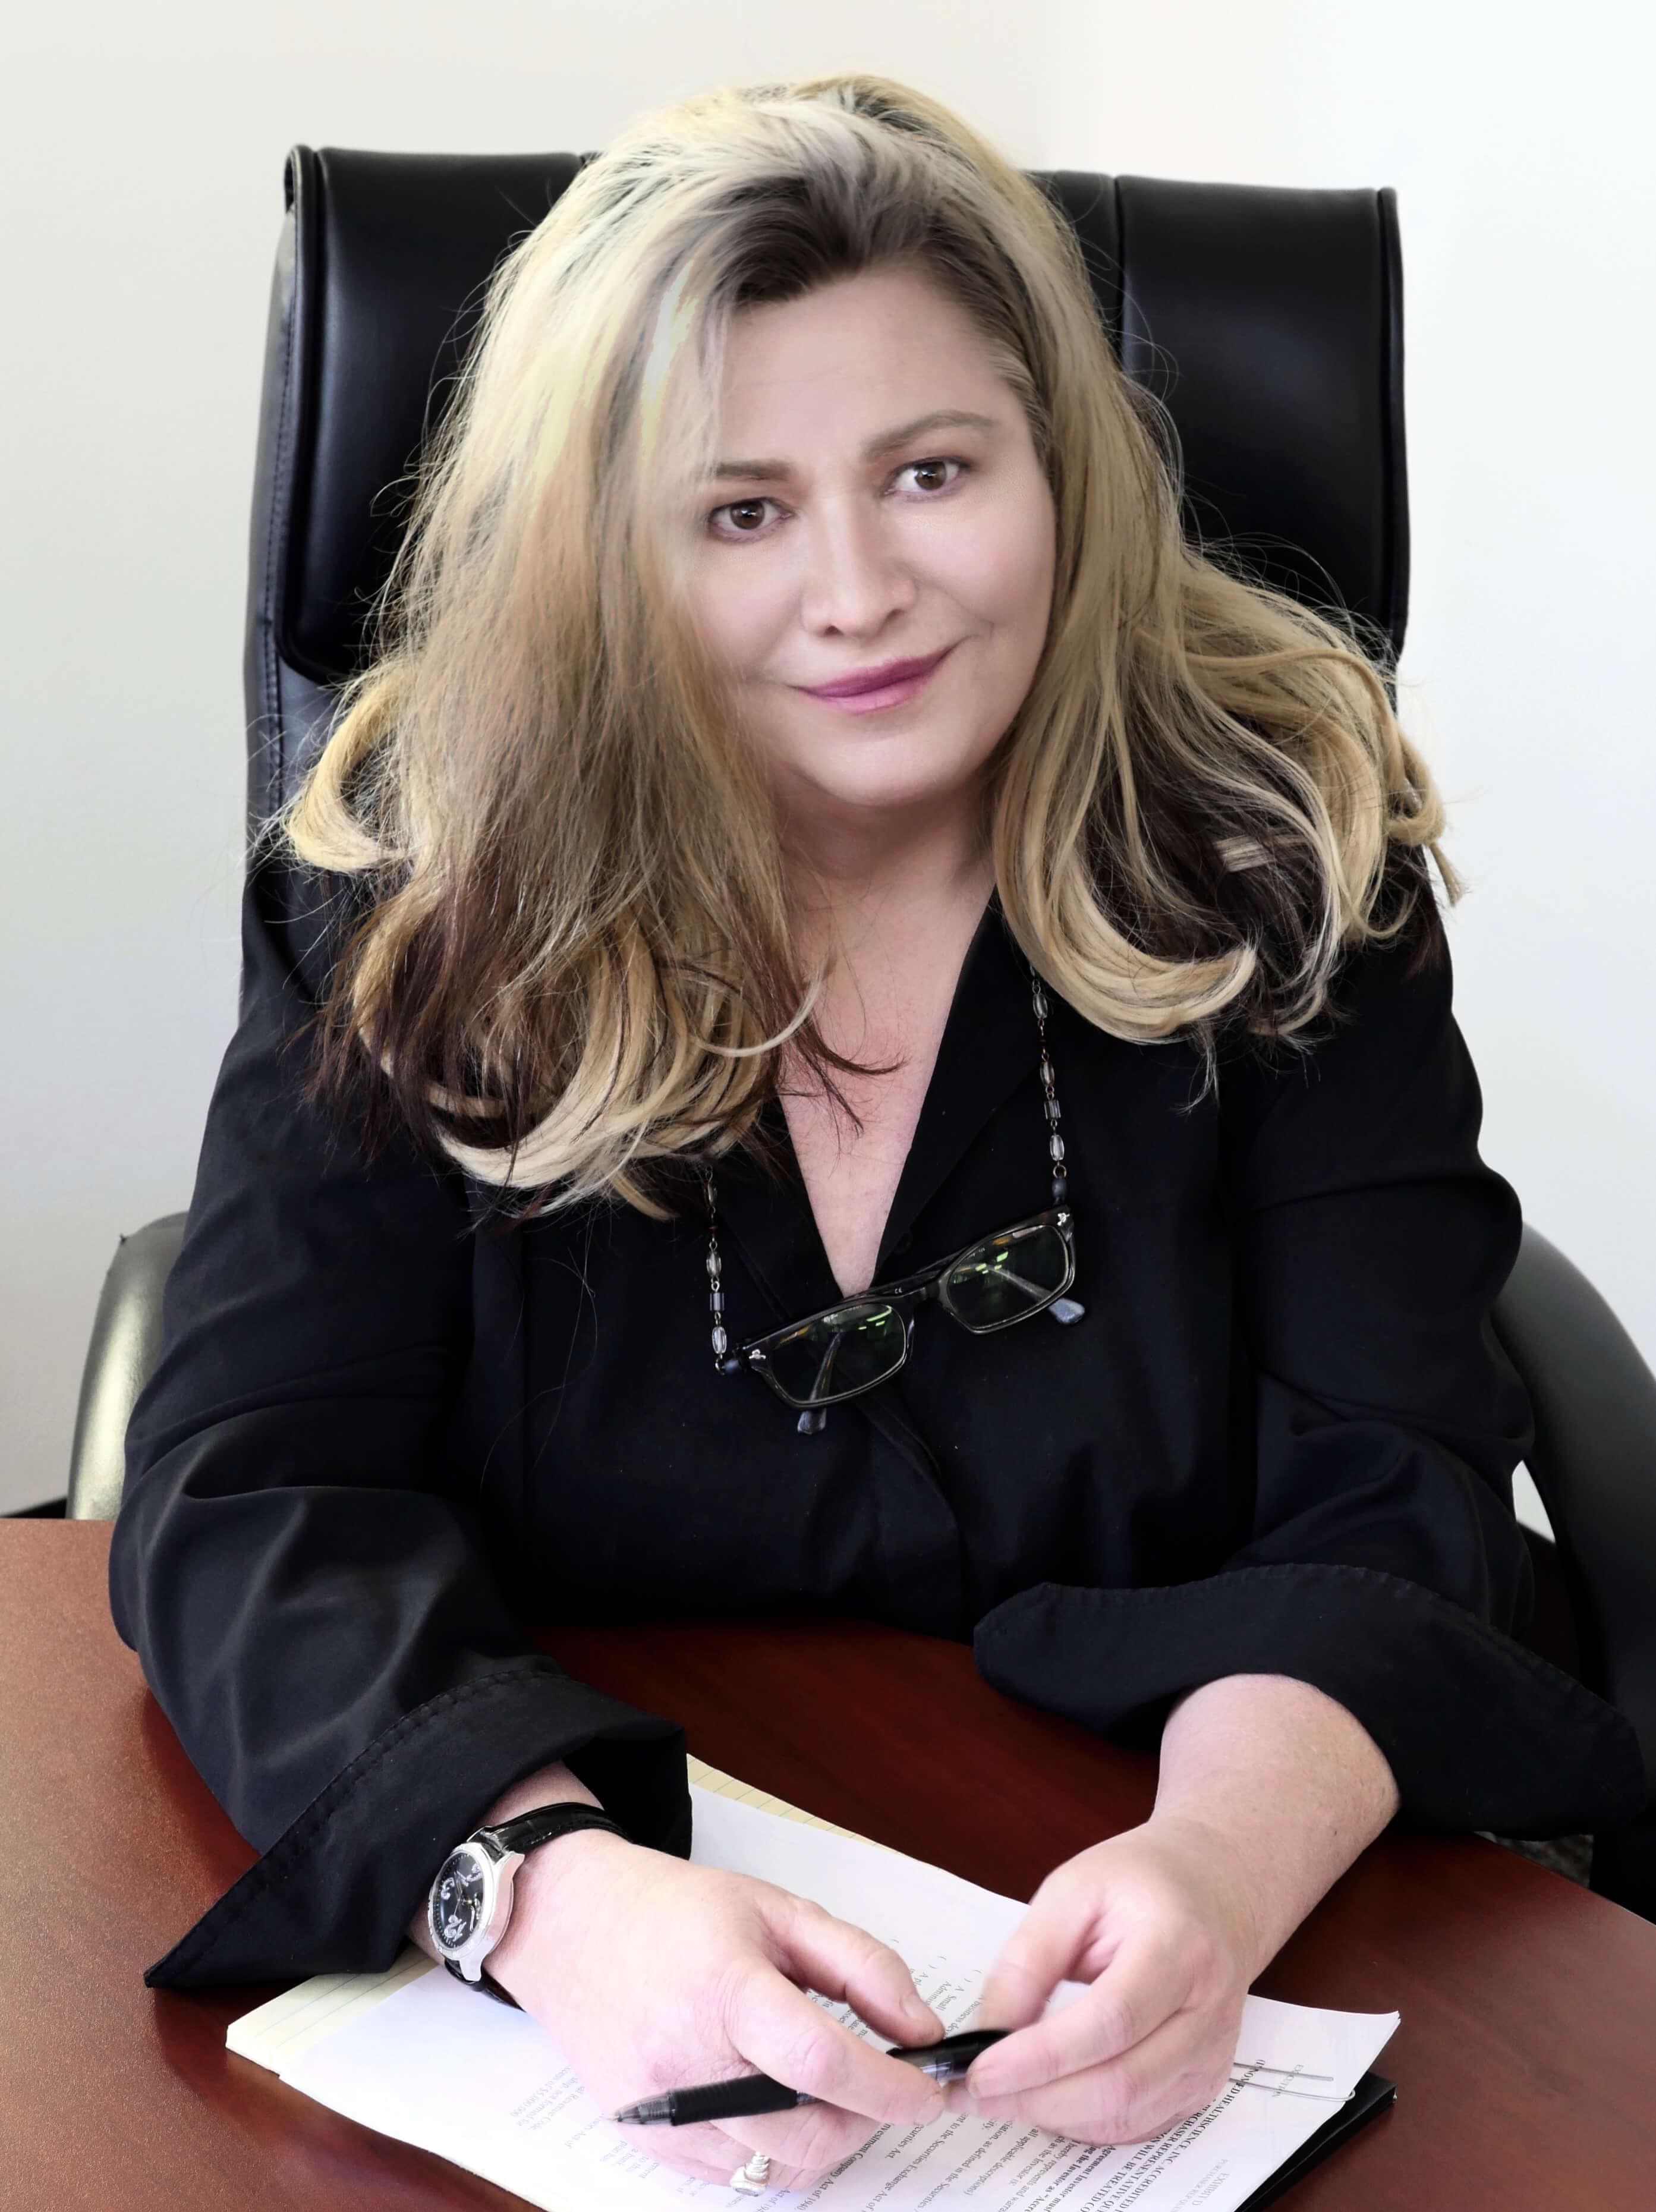 Shara Hernandez